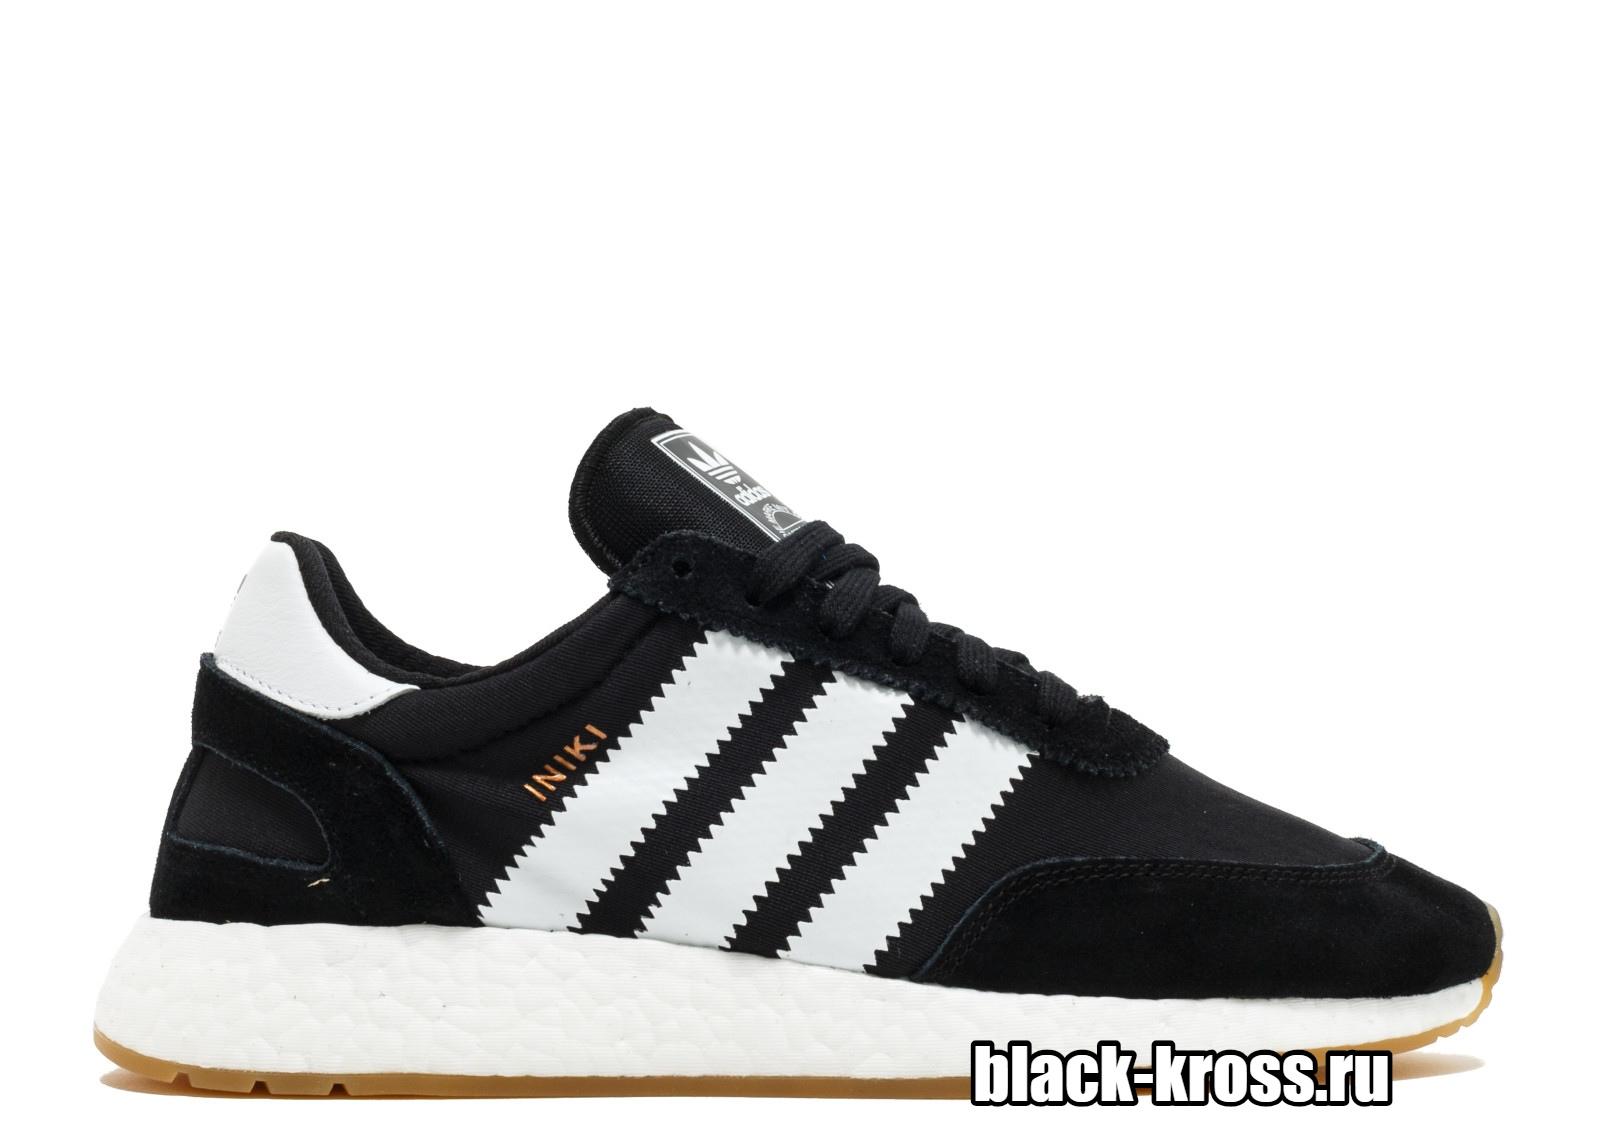 Adidas Iniki Runner Black/White (41-45)